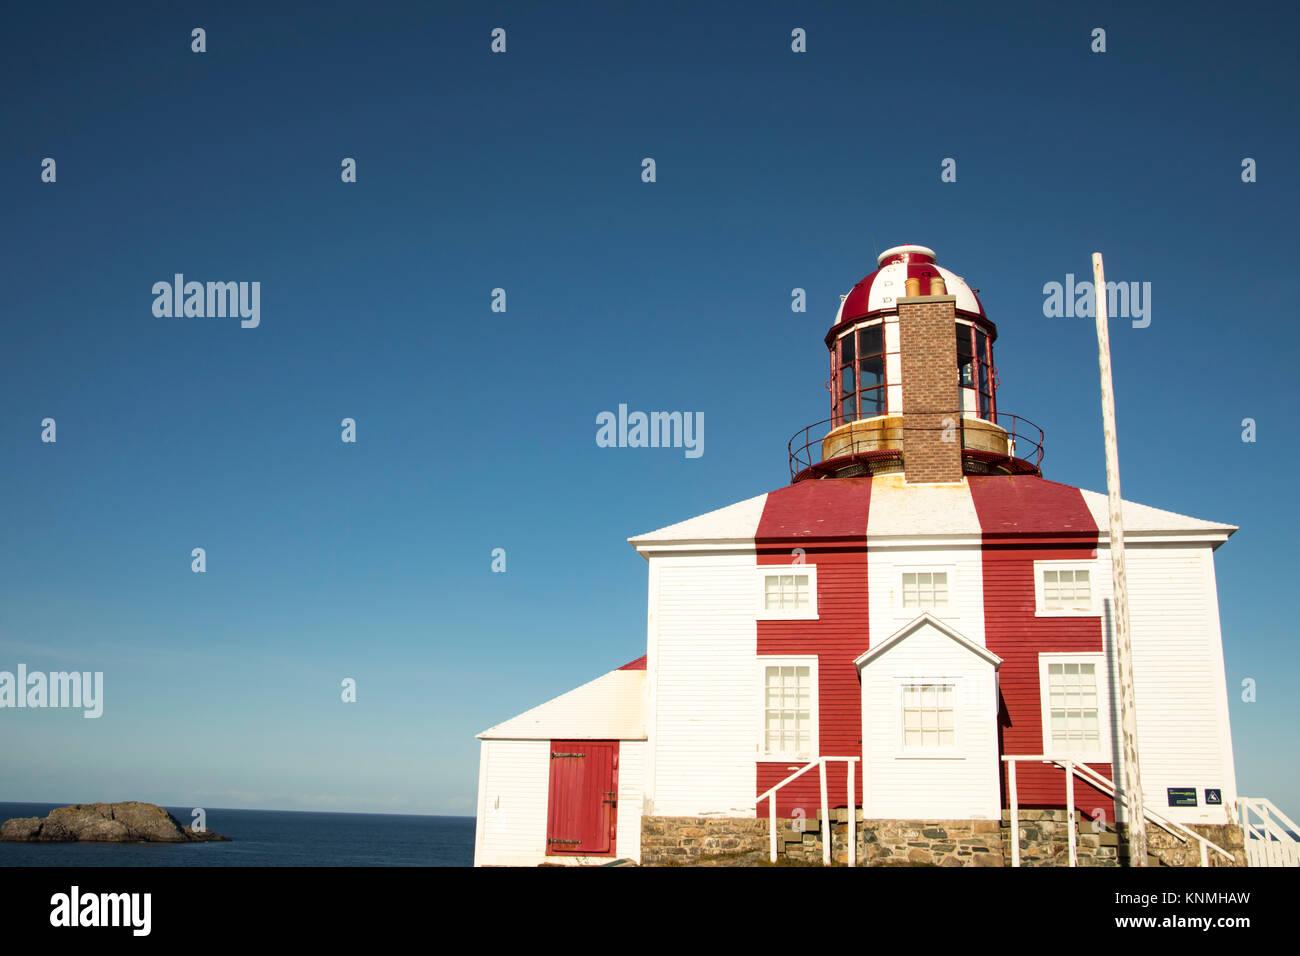 Cape Bonavista Lighthouse, Newfoundland, Canada against blue skies on sunny day. - Stock Image